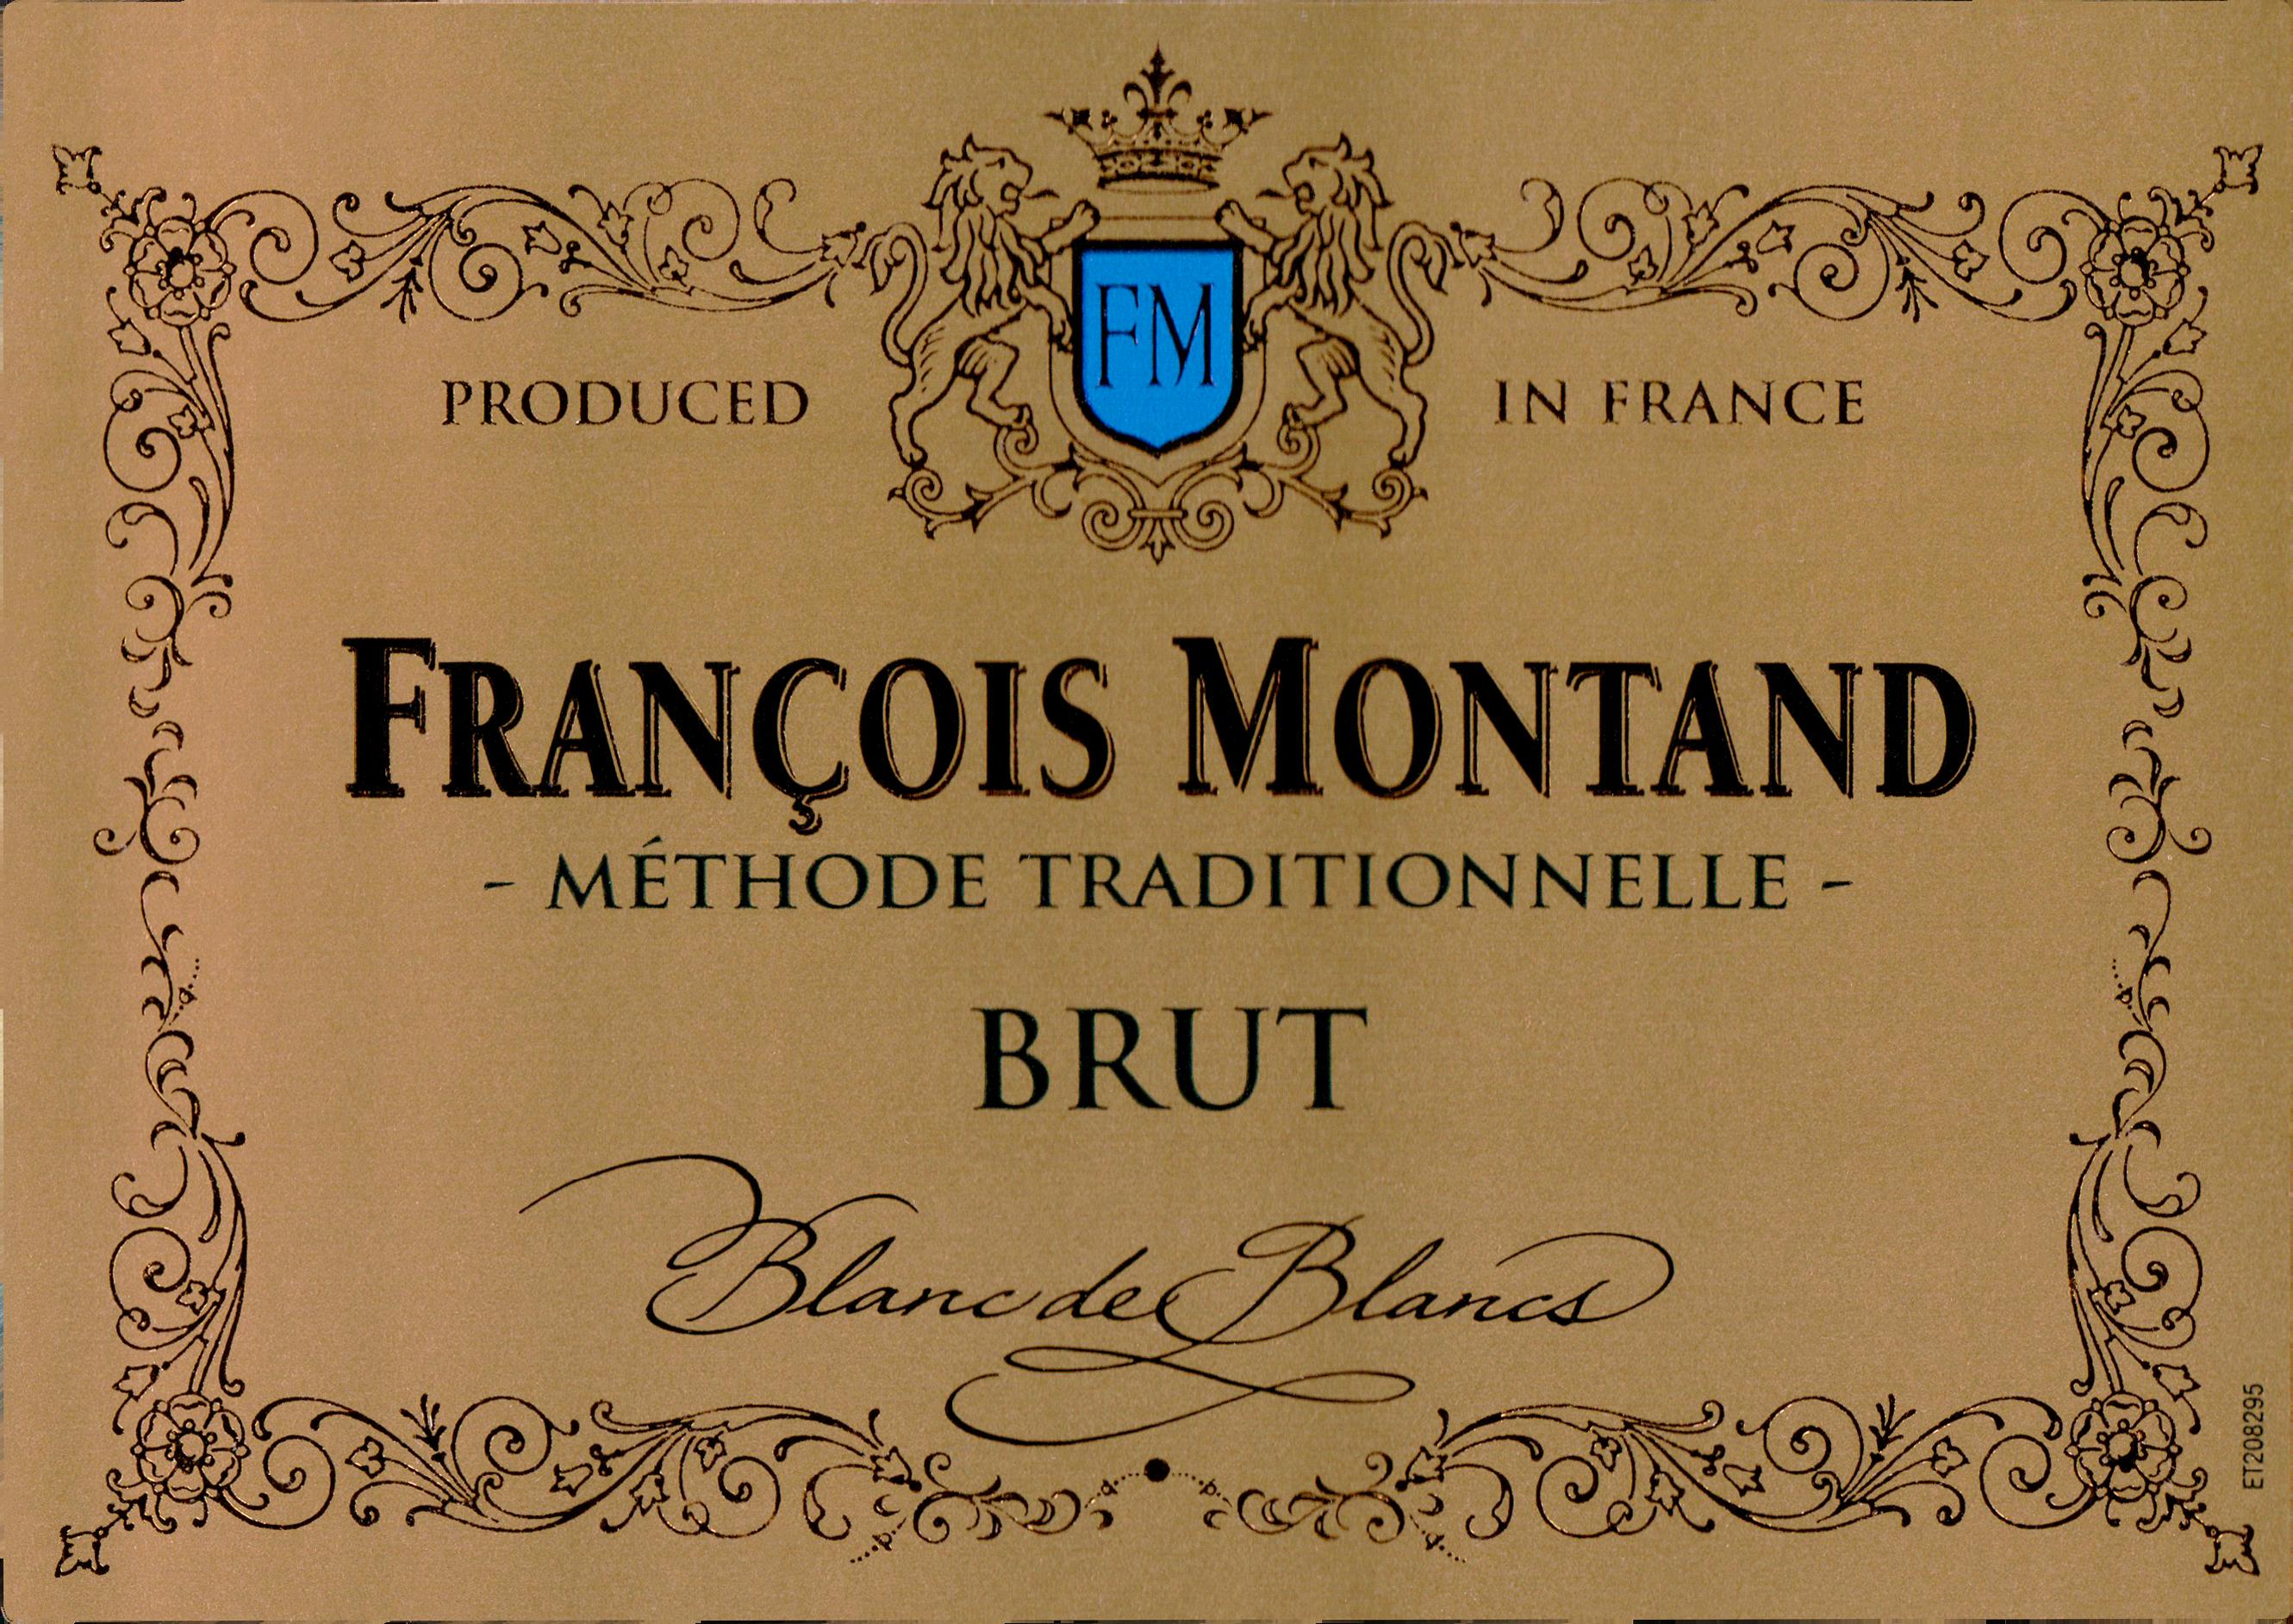 Francois Montand Blanc De Blancs Brut